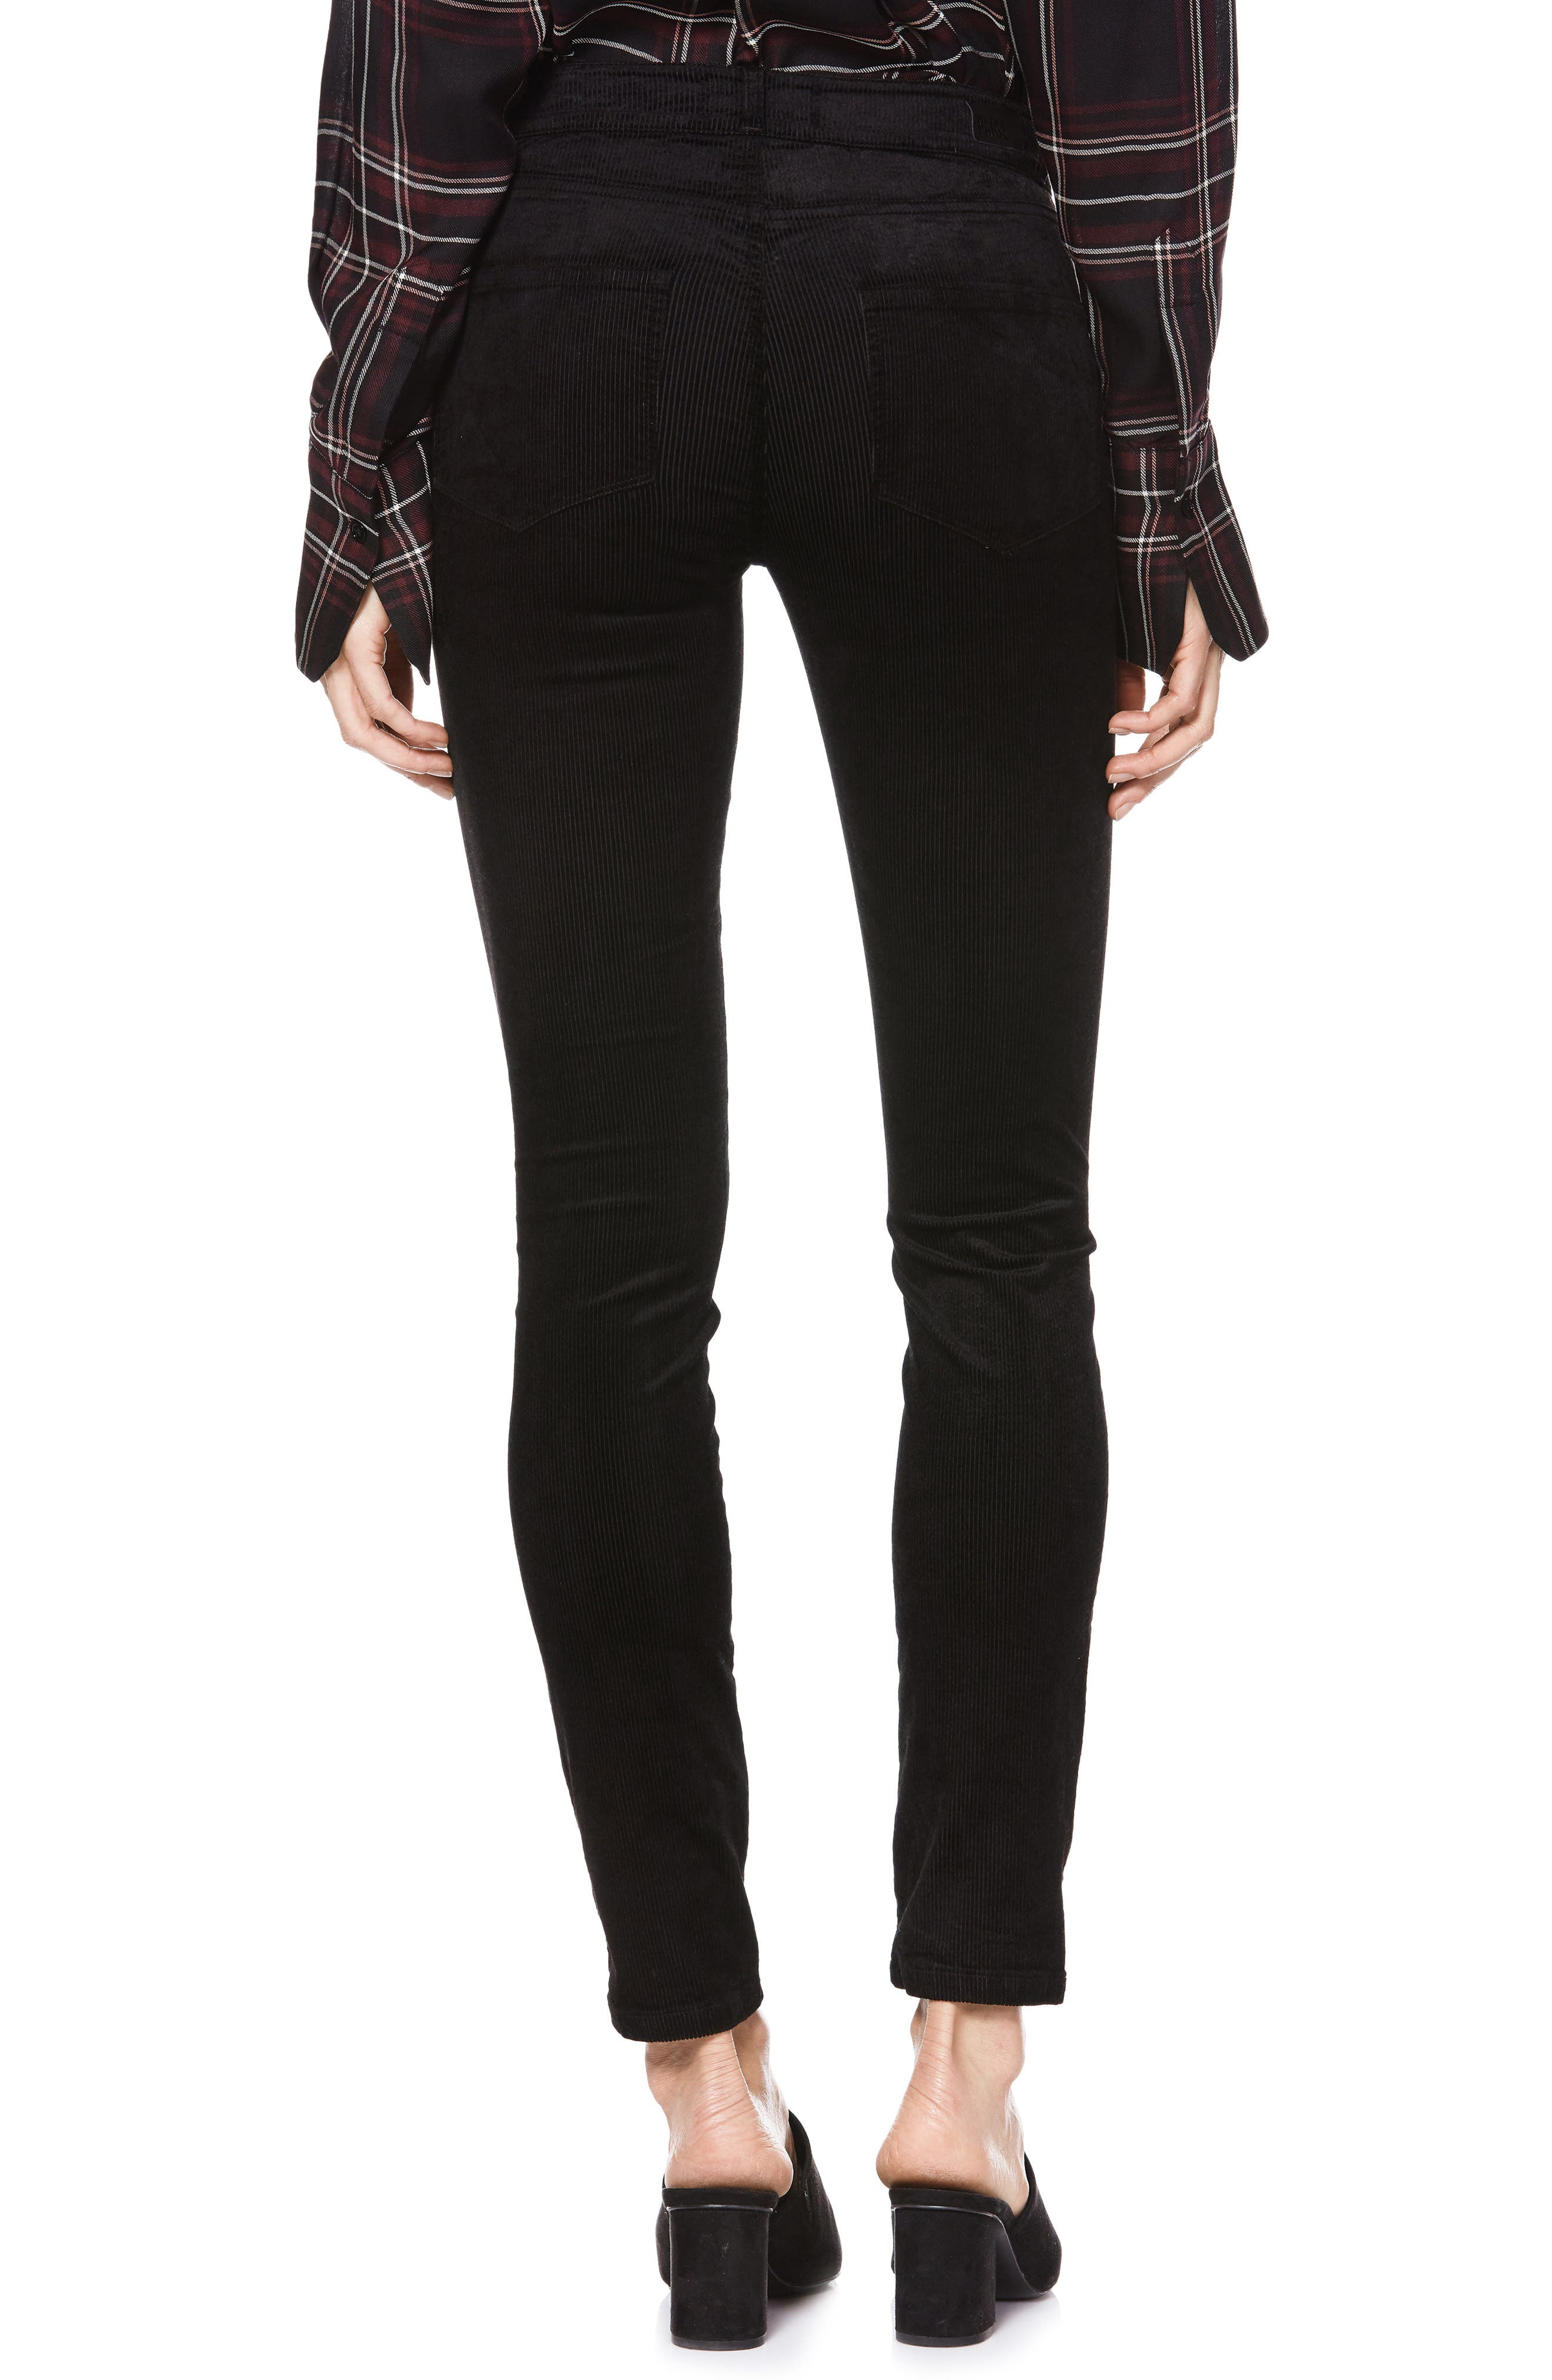 Transcend - Hoxton High Waist Ultra Skinny Jeans,                             Alternate thumbnail 2, color,                             BLACK VELVET CORD